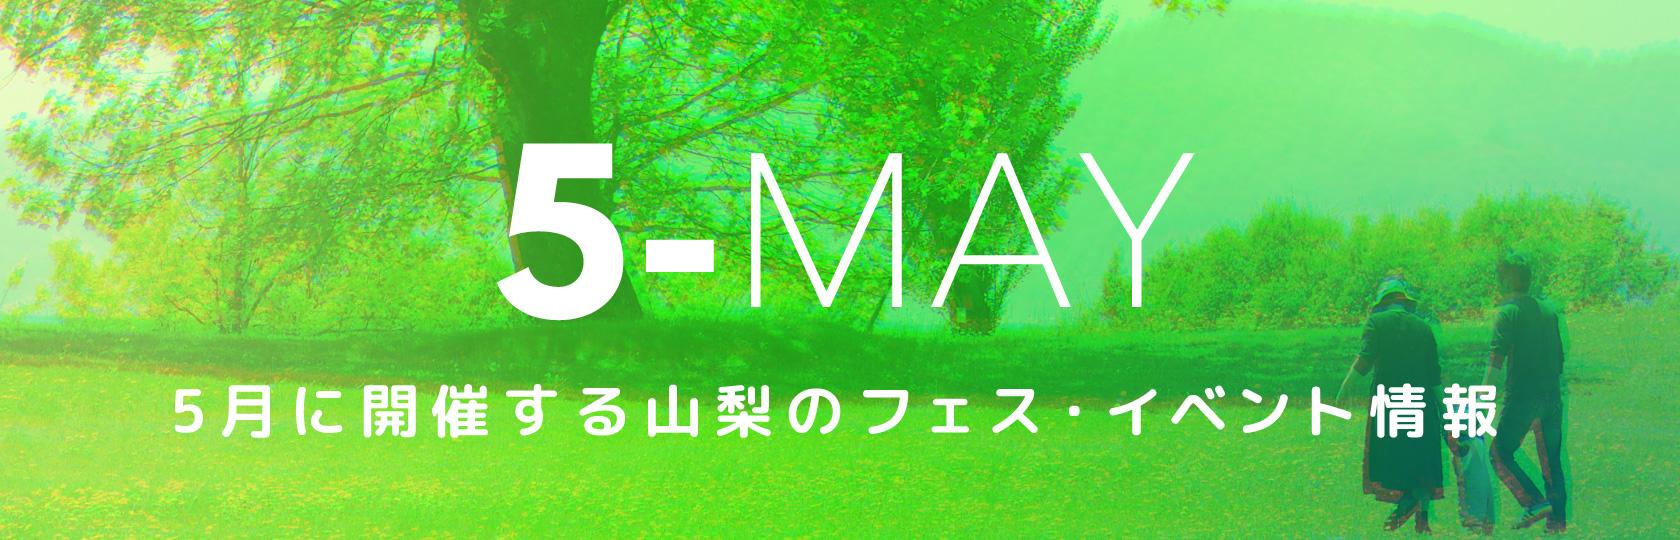 5月に開催する山梨のフェス・イベント情報